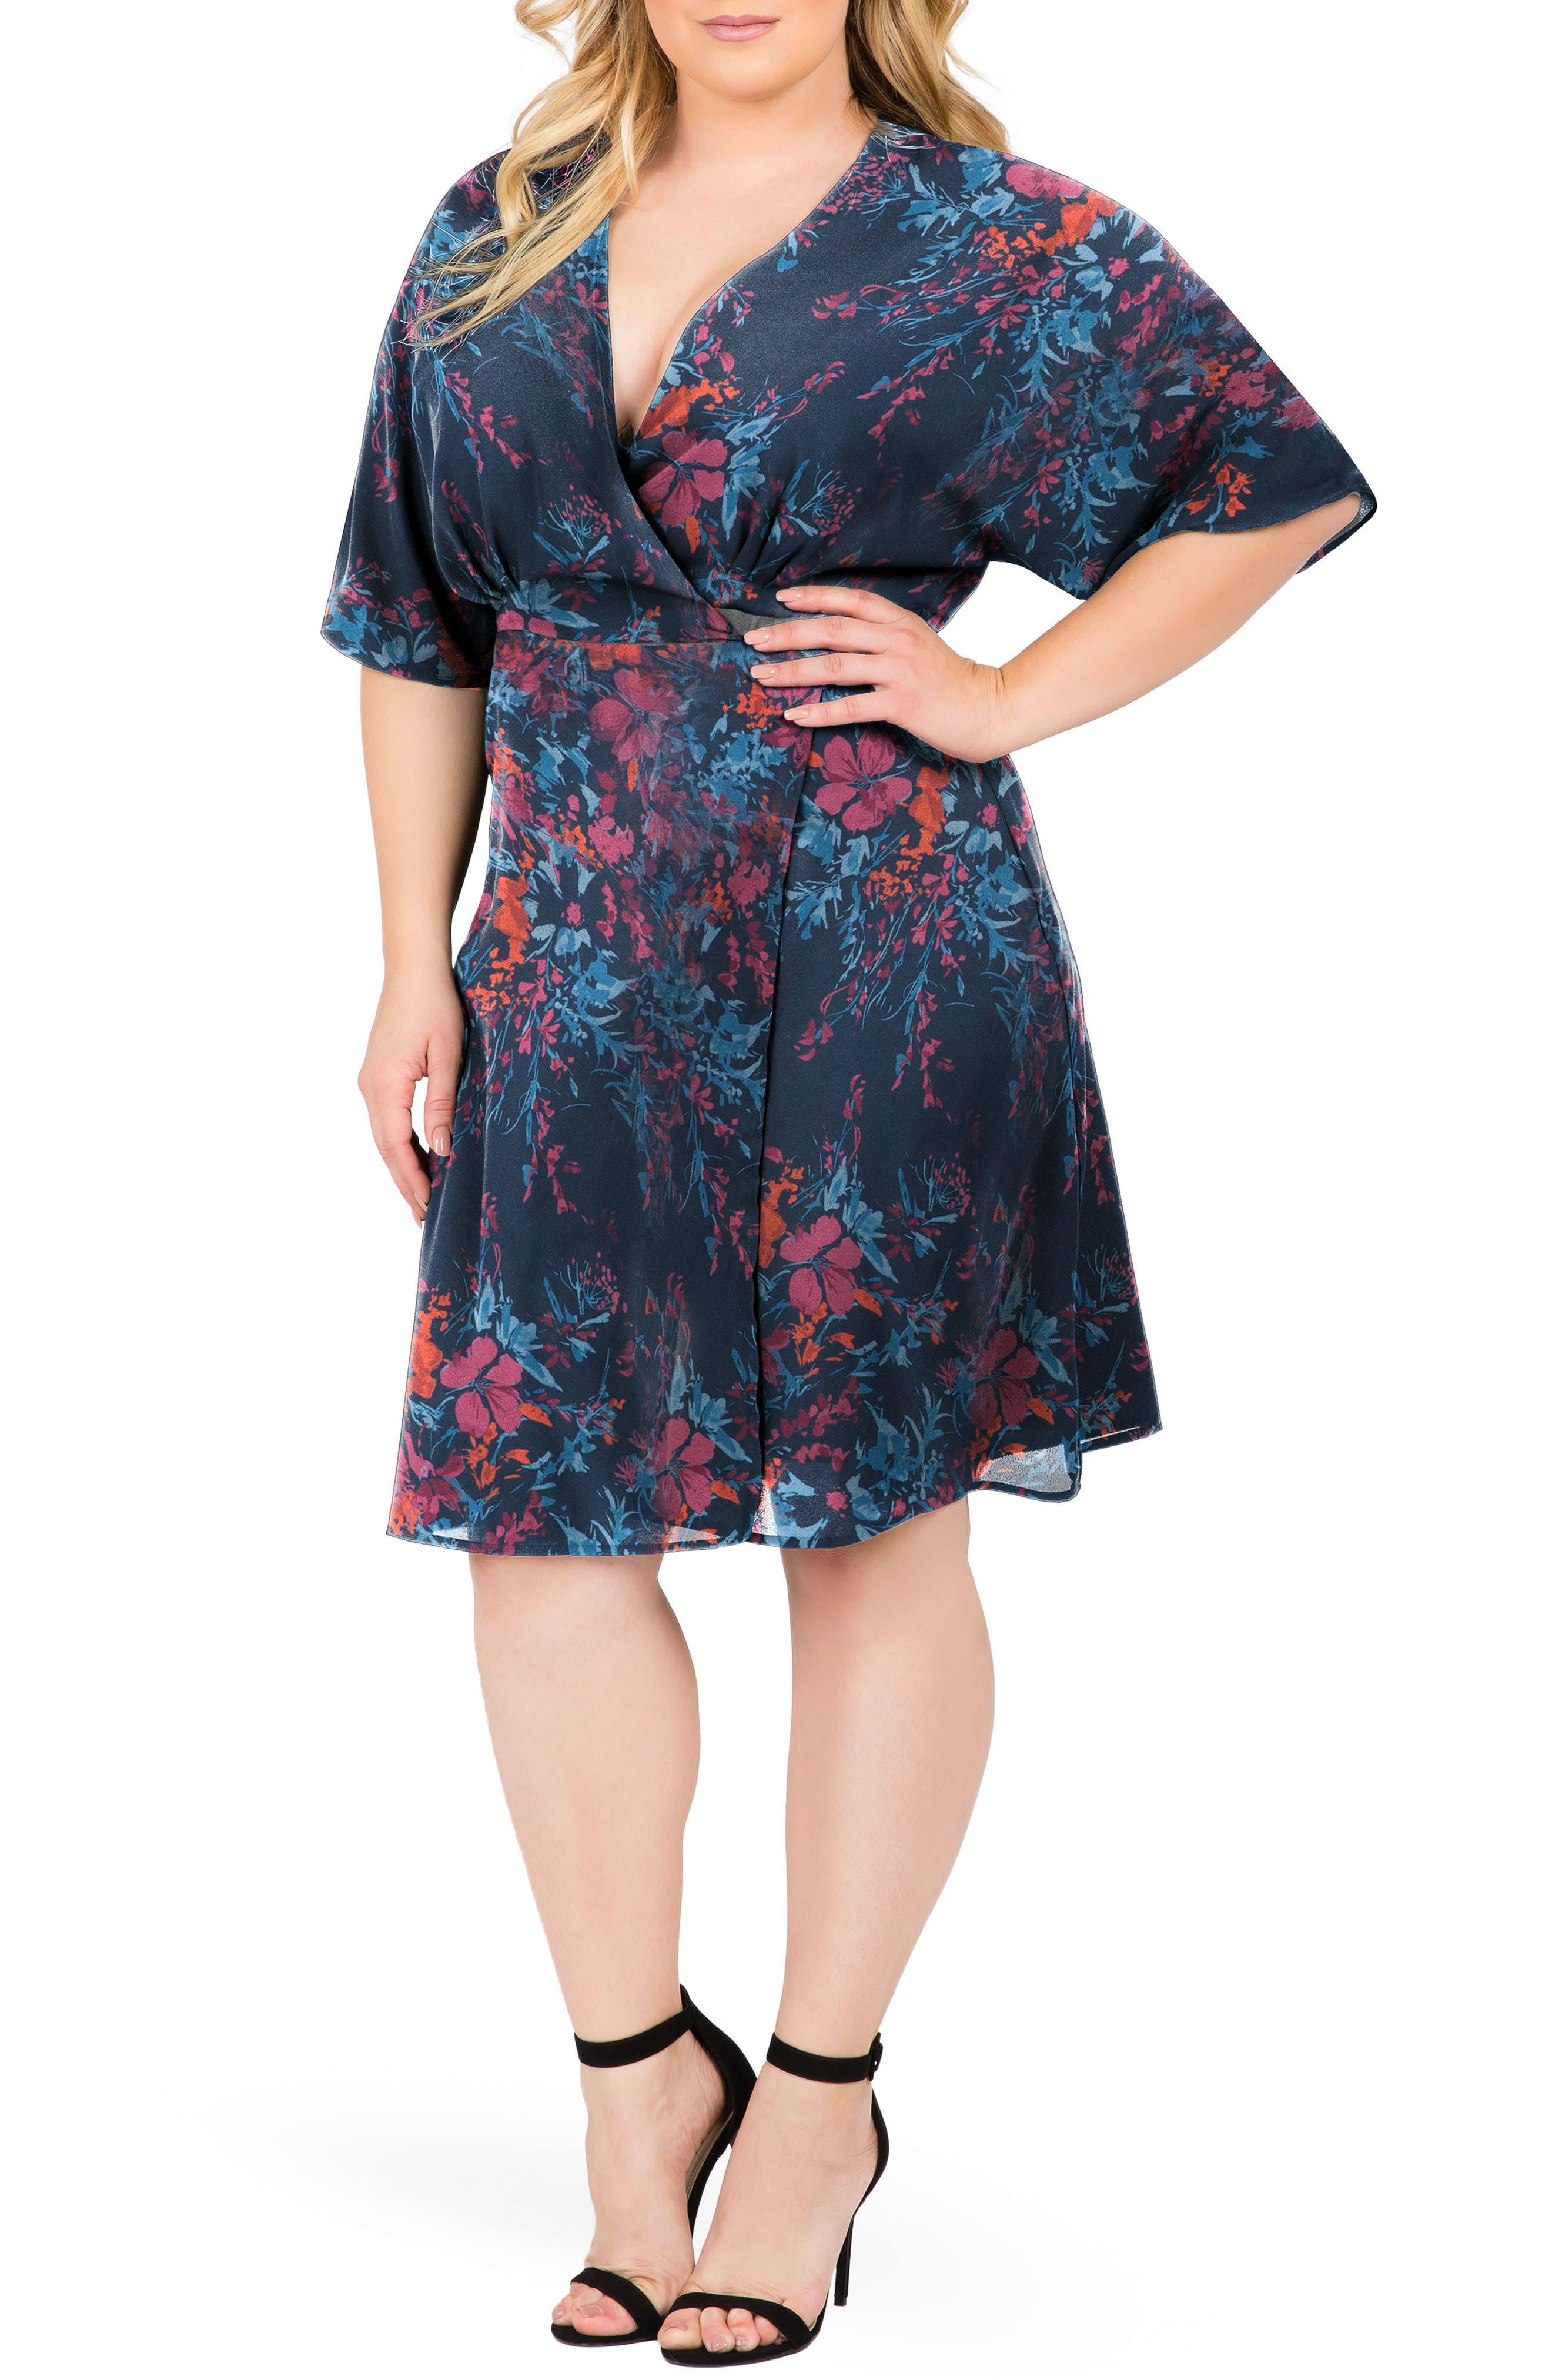 Candice Floral Wrap Dress,                             Main thumbnail 1, color,                             Floral Print